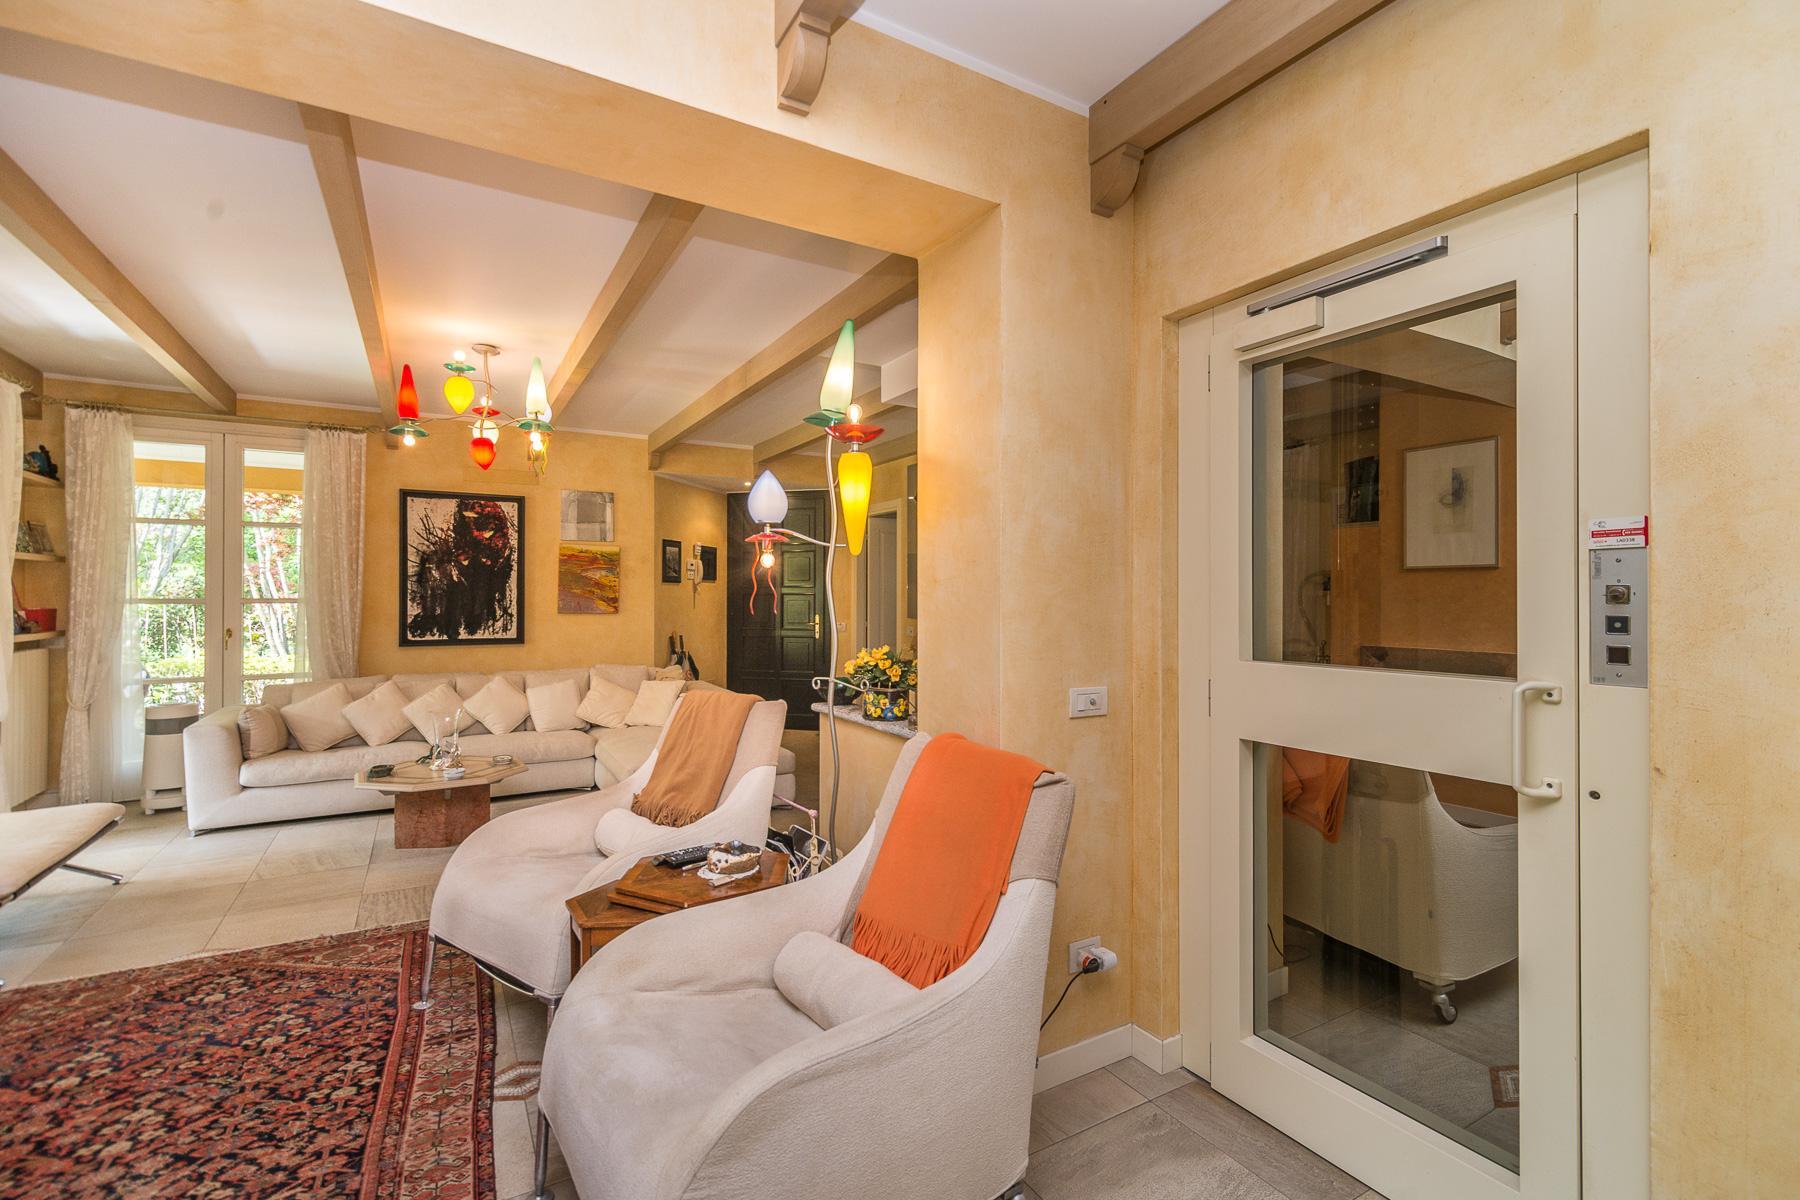 Golf Club de Castelconturbia, maison individuelle de 300 m² avec jardin de 1500 m² et jacuzzi - 15